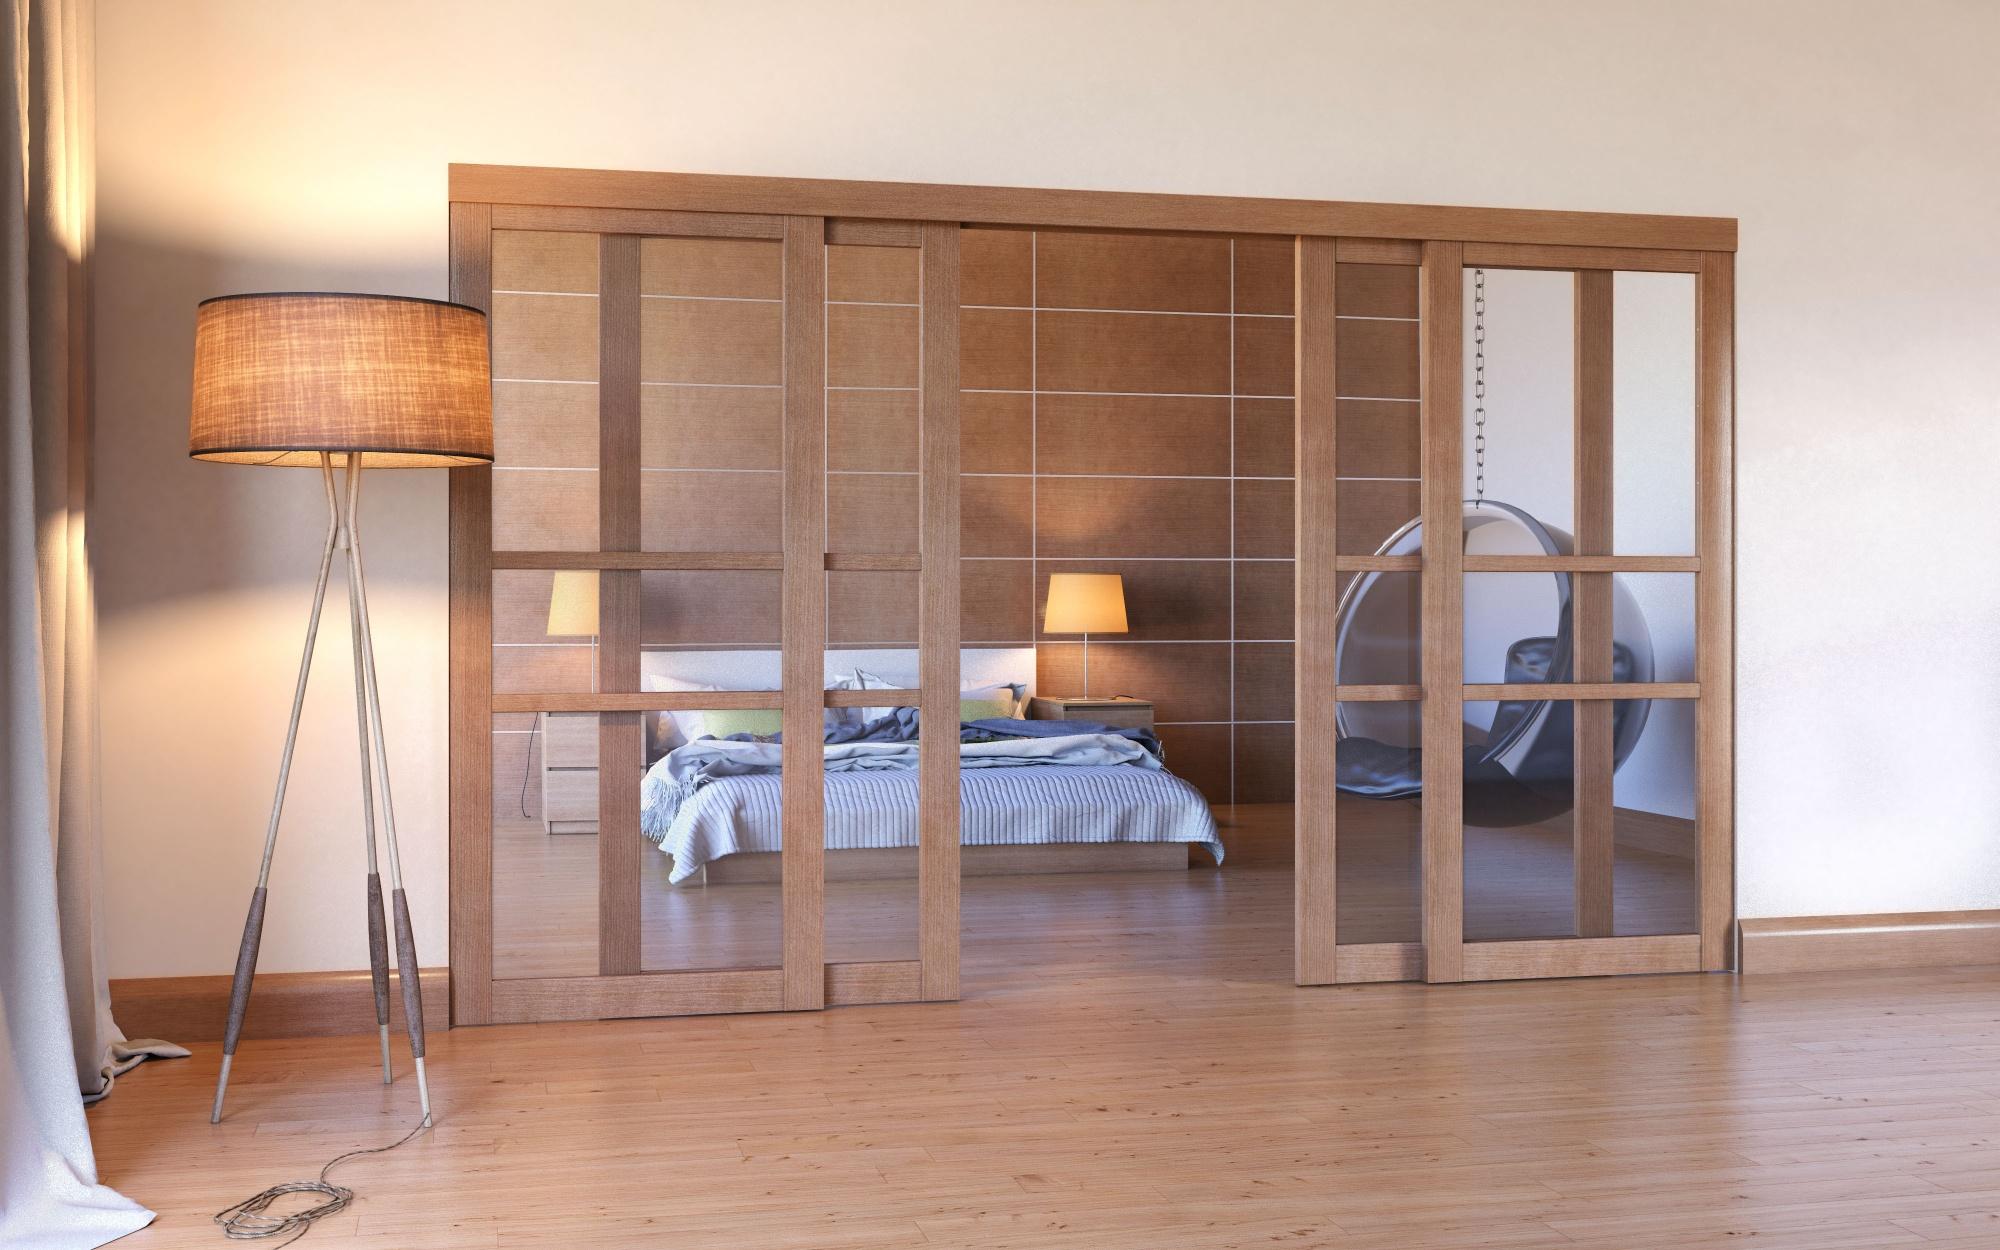 передвижные двери перегородки в квартире фото фото видно